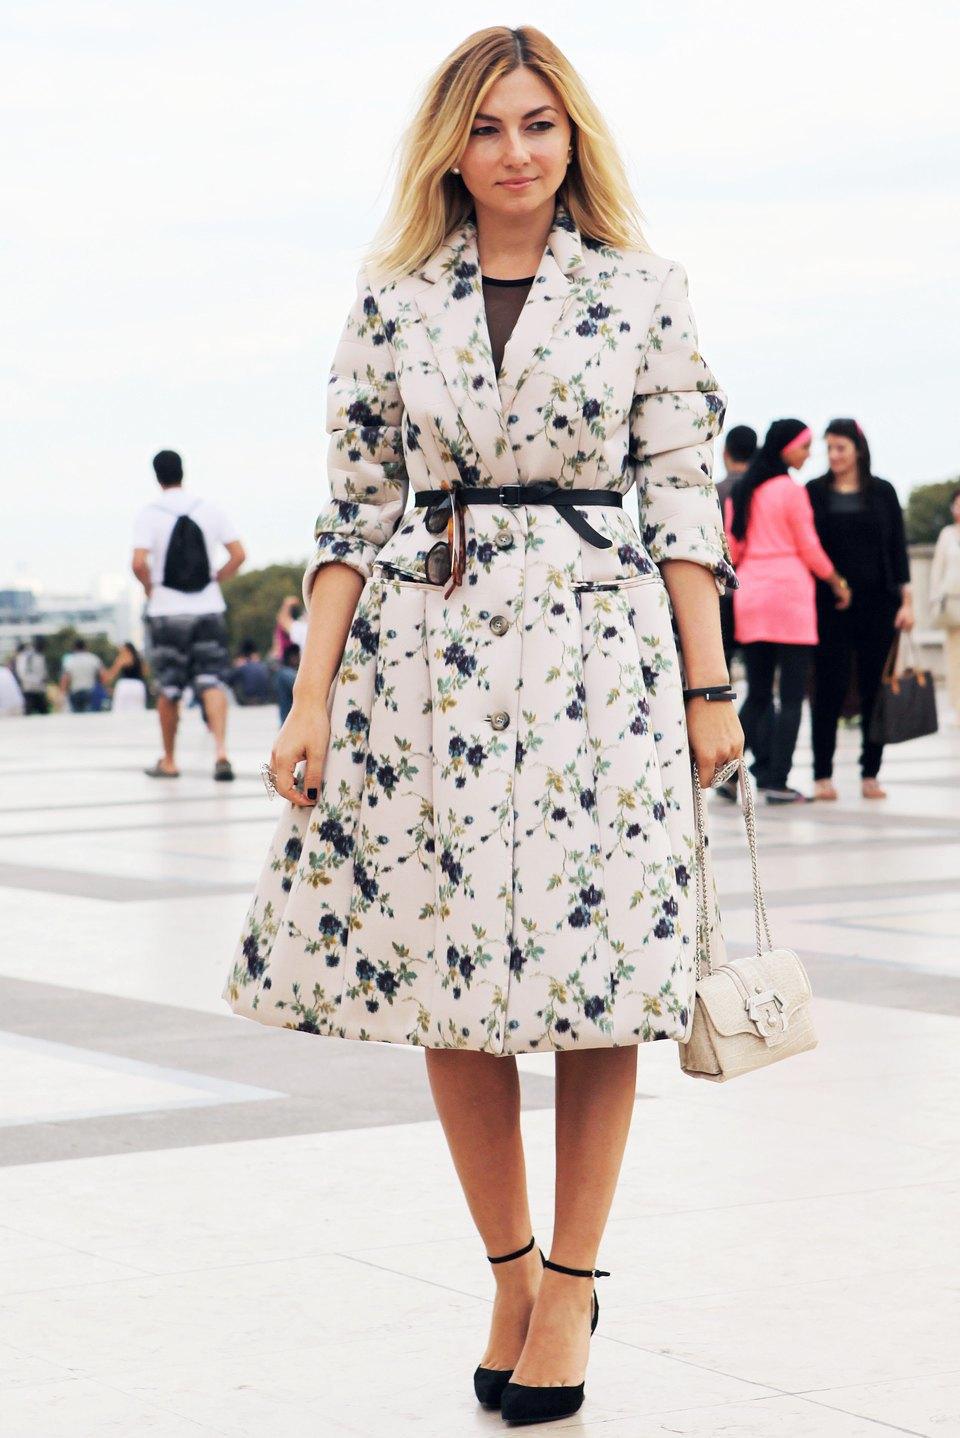 Кимоно, перья и сэтчелы на гостях показов Paris Fashion Week. Изображение № 11.